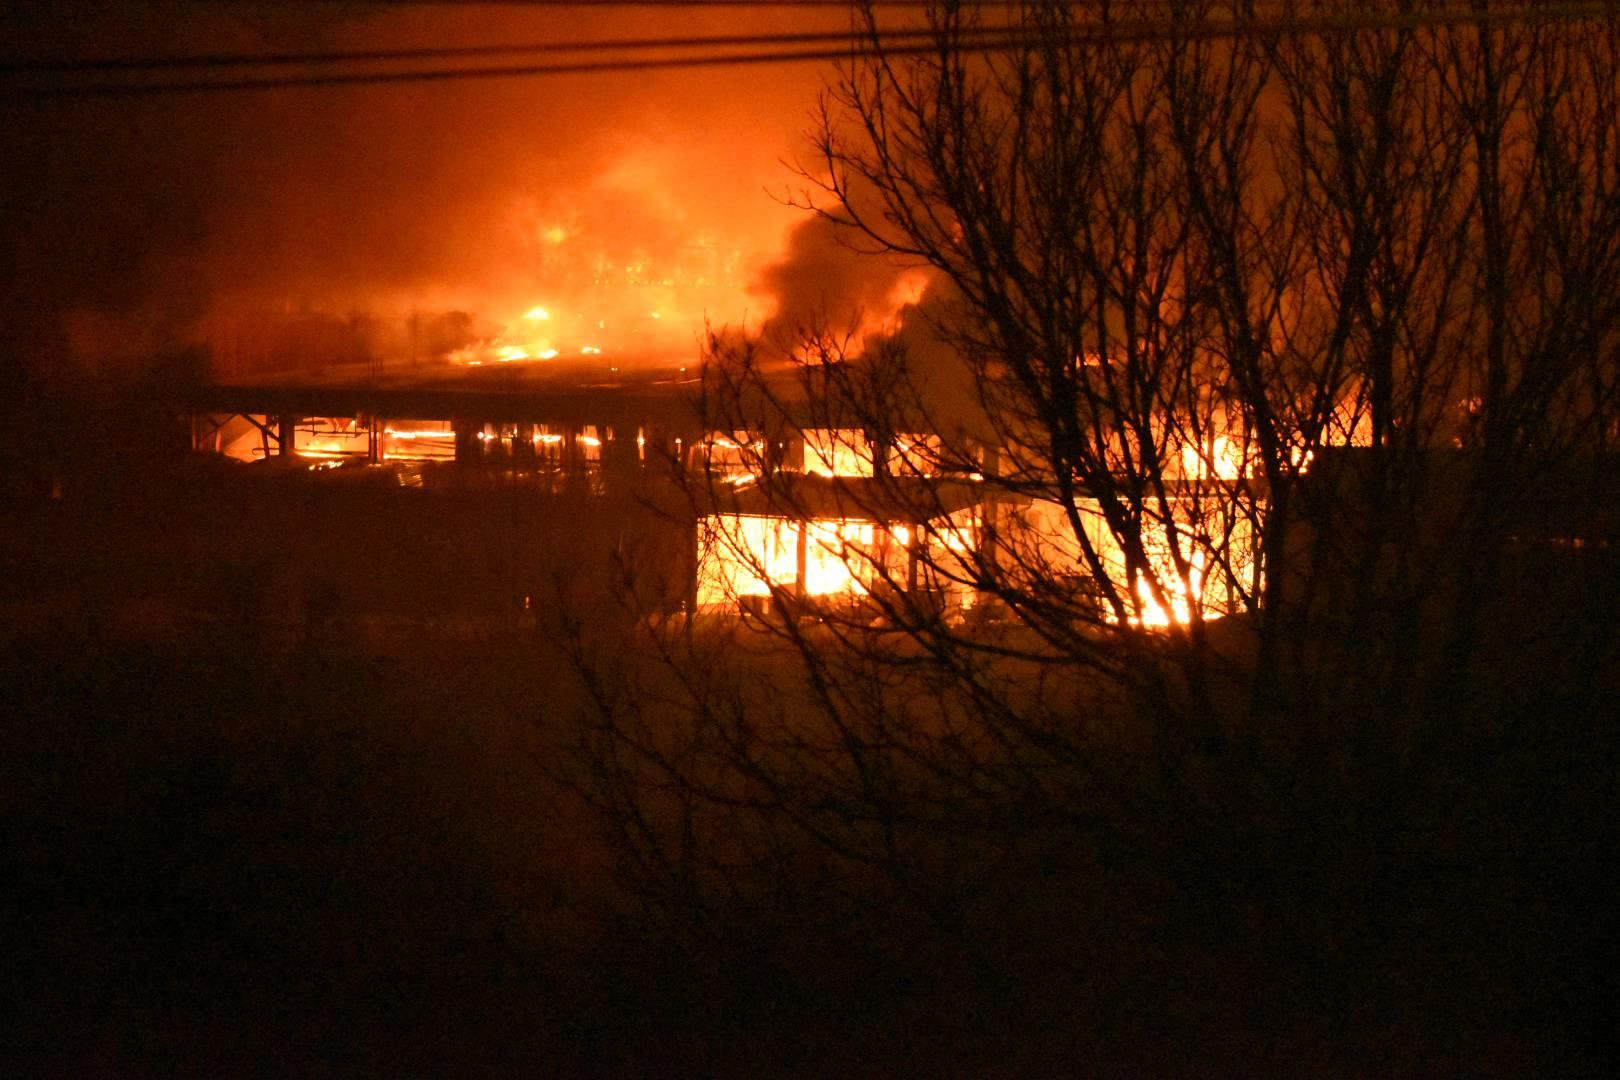 Kvar na instalacijama uzrok je požara u tvornici u Otočcu